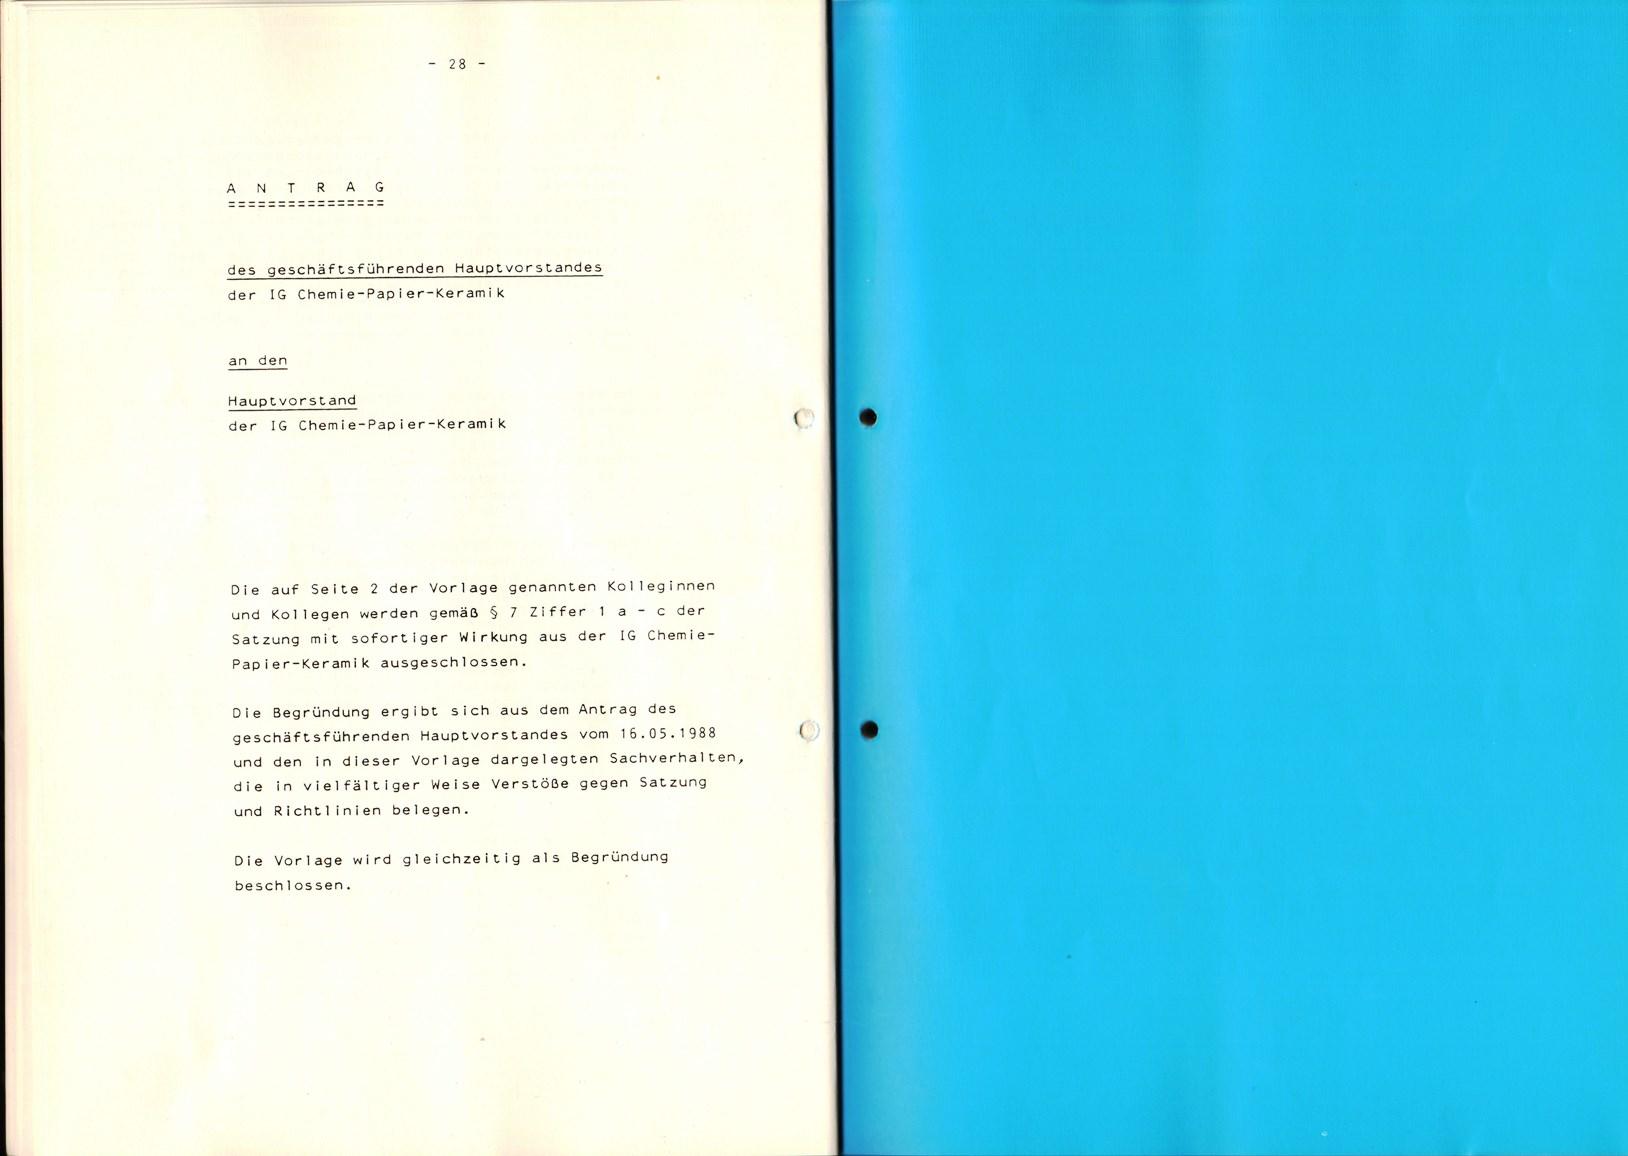 Mannheim_Boehringer_Ausschluss_VKL_Doku1_1988_18